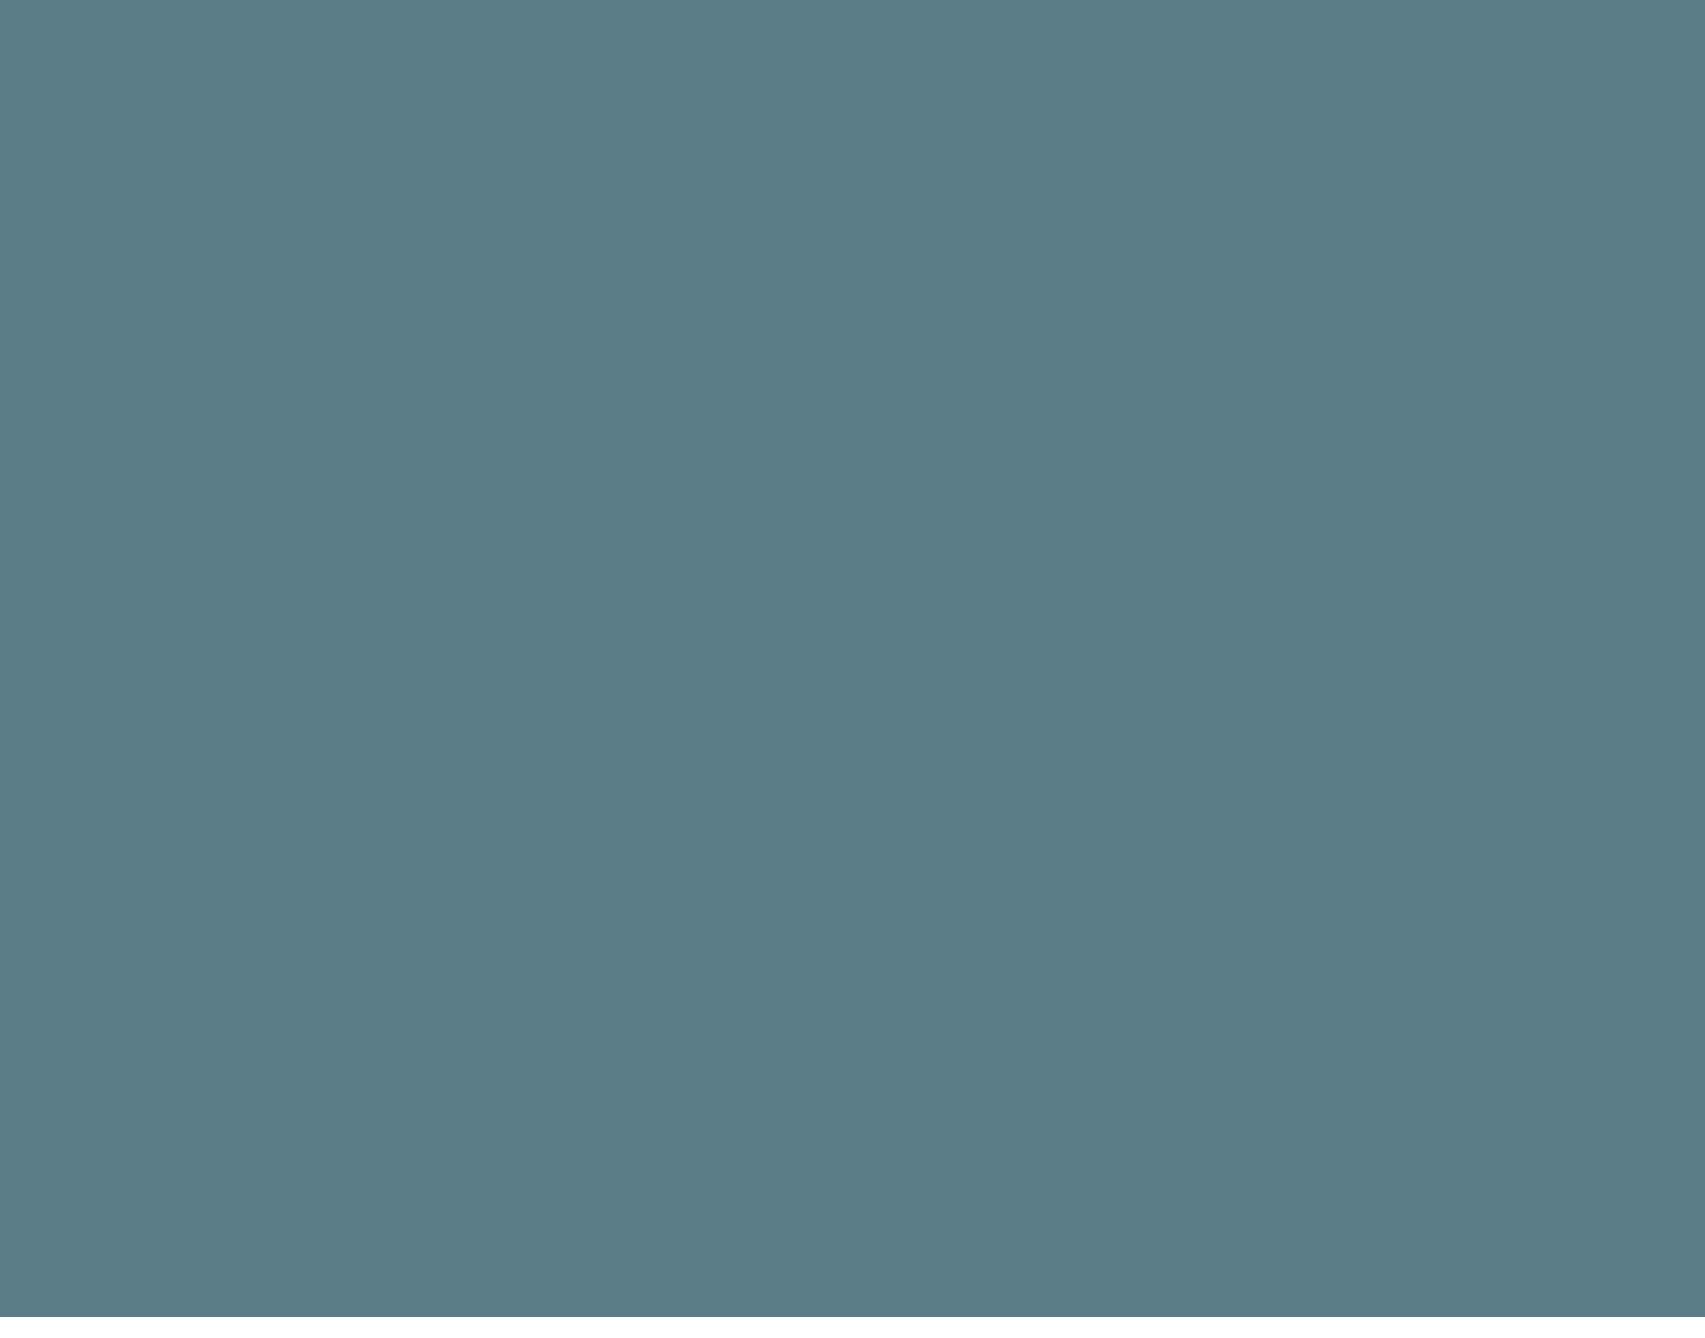 TasteDUBLIN-FESTIVE-2018-DATES